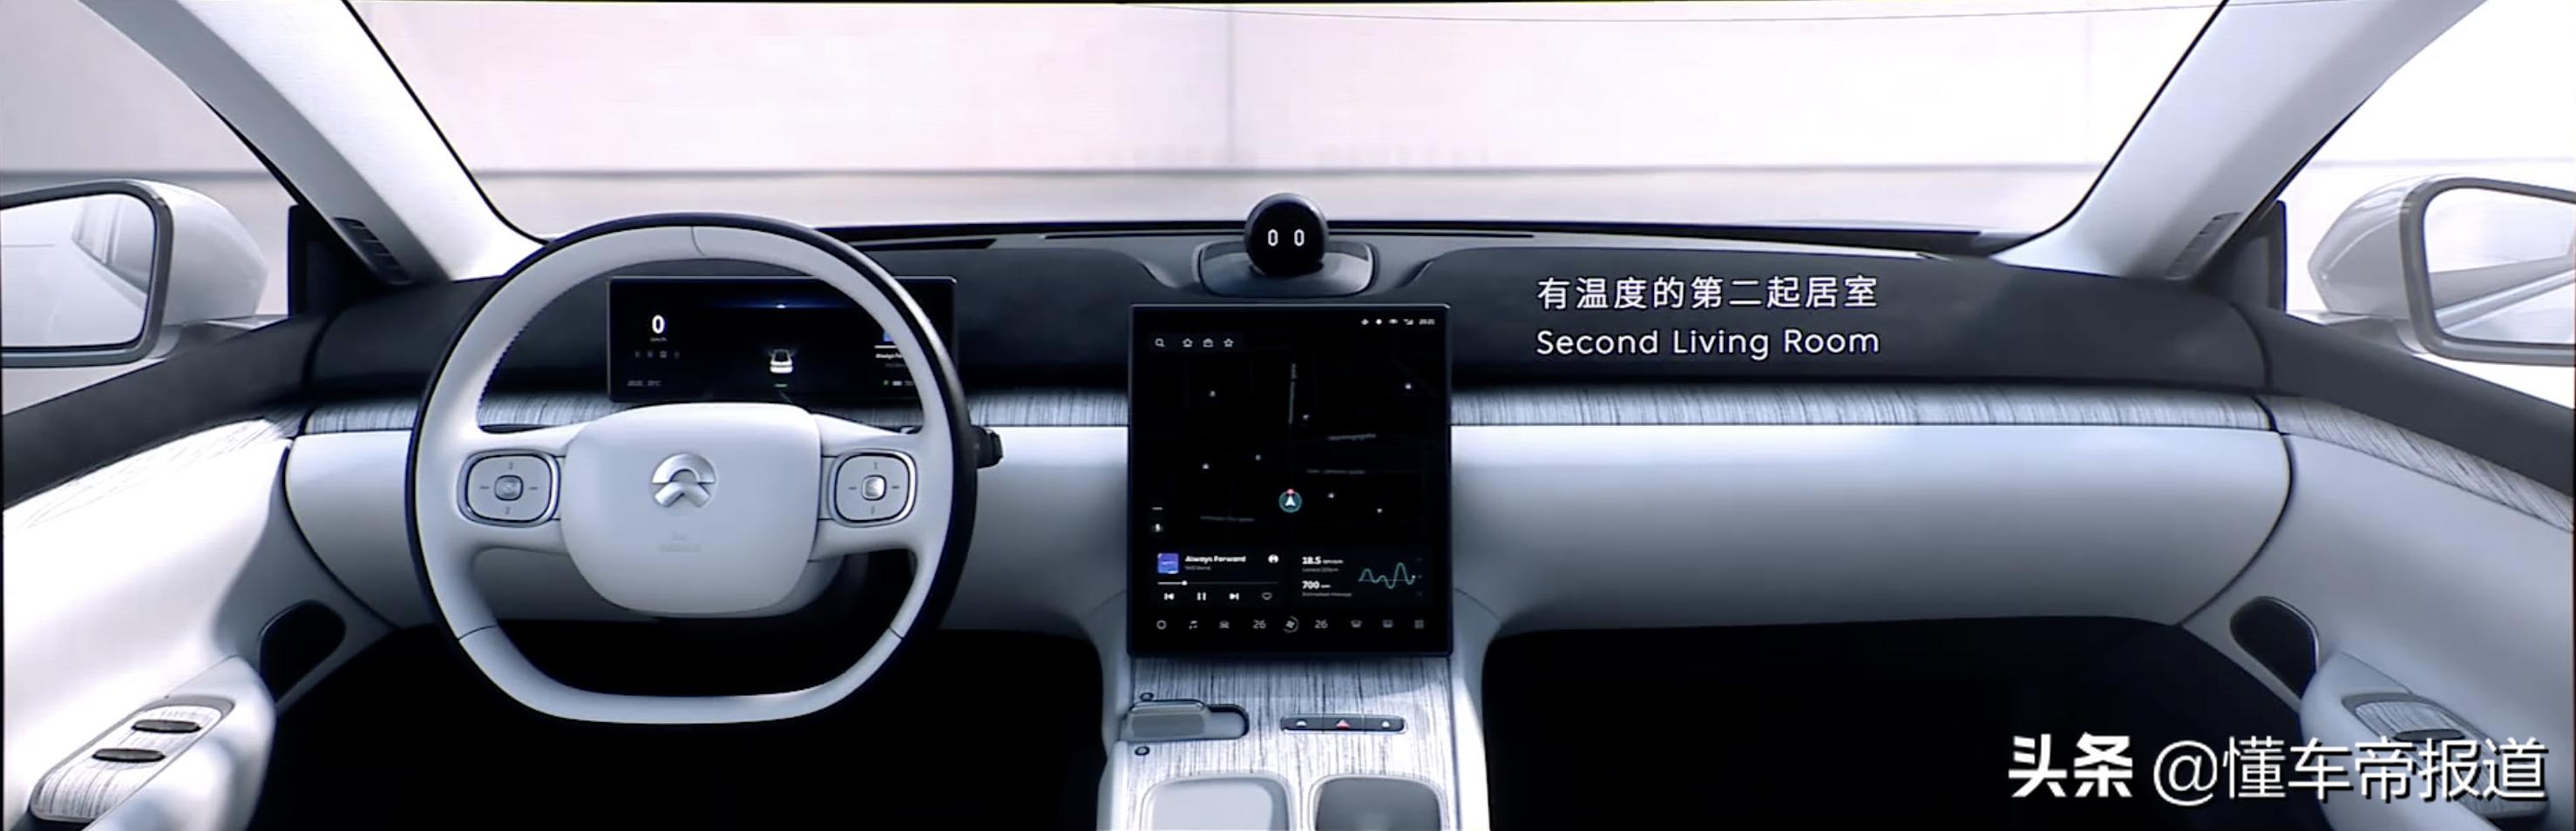 新车|首款纯电动轿车eT7亮相成都,蔚来的2021能靠它吗?